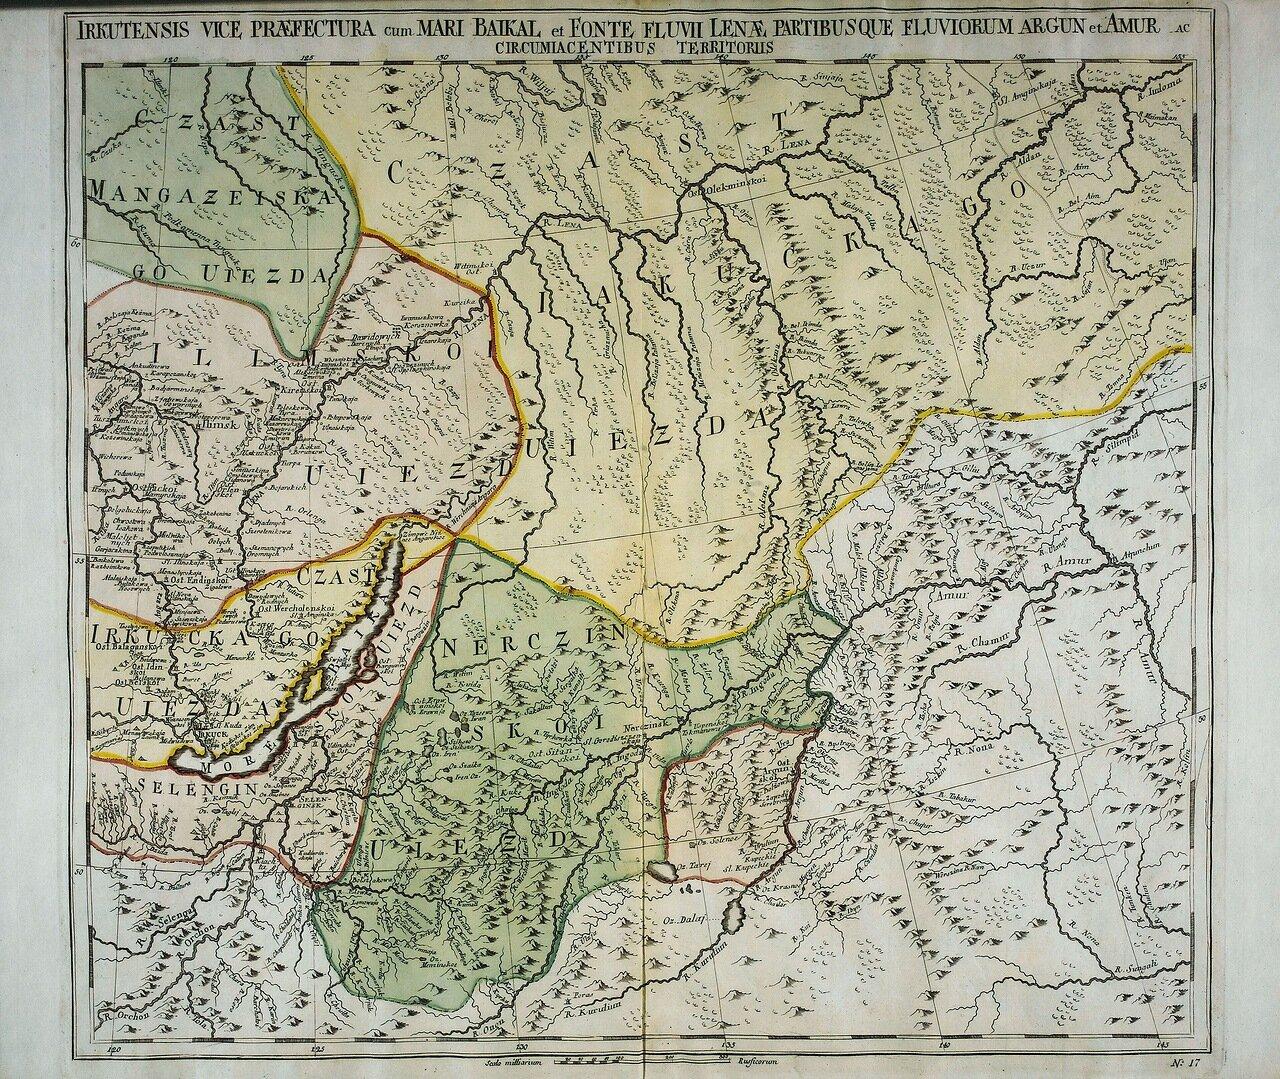 1745. Иркутская провинция с озером Байкал, рекой Леной и частями рек Аргунь и Амур